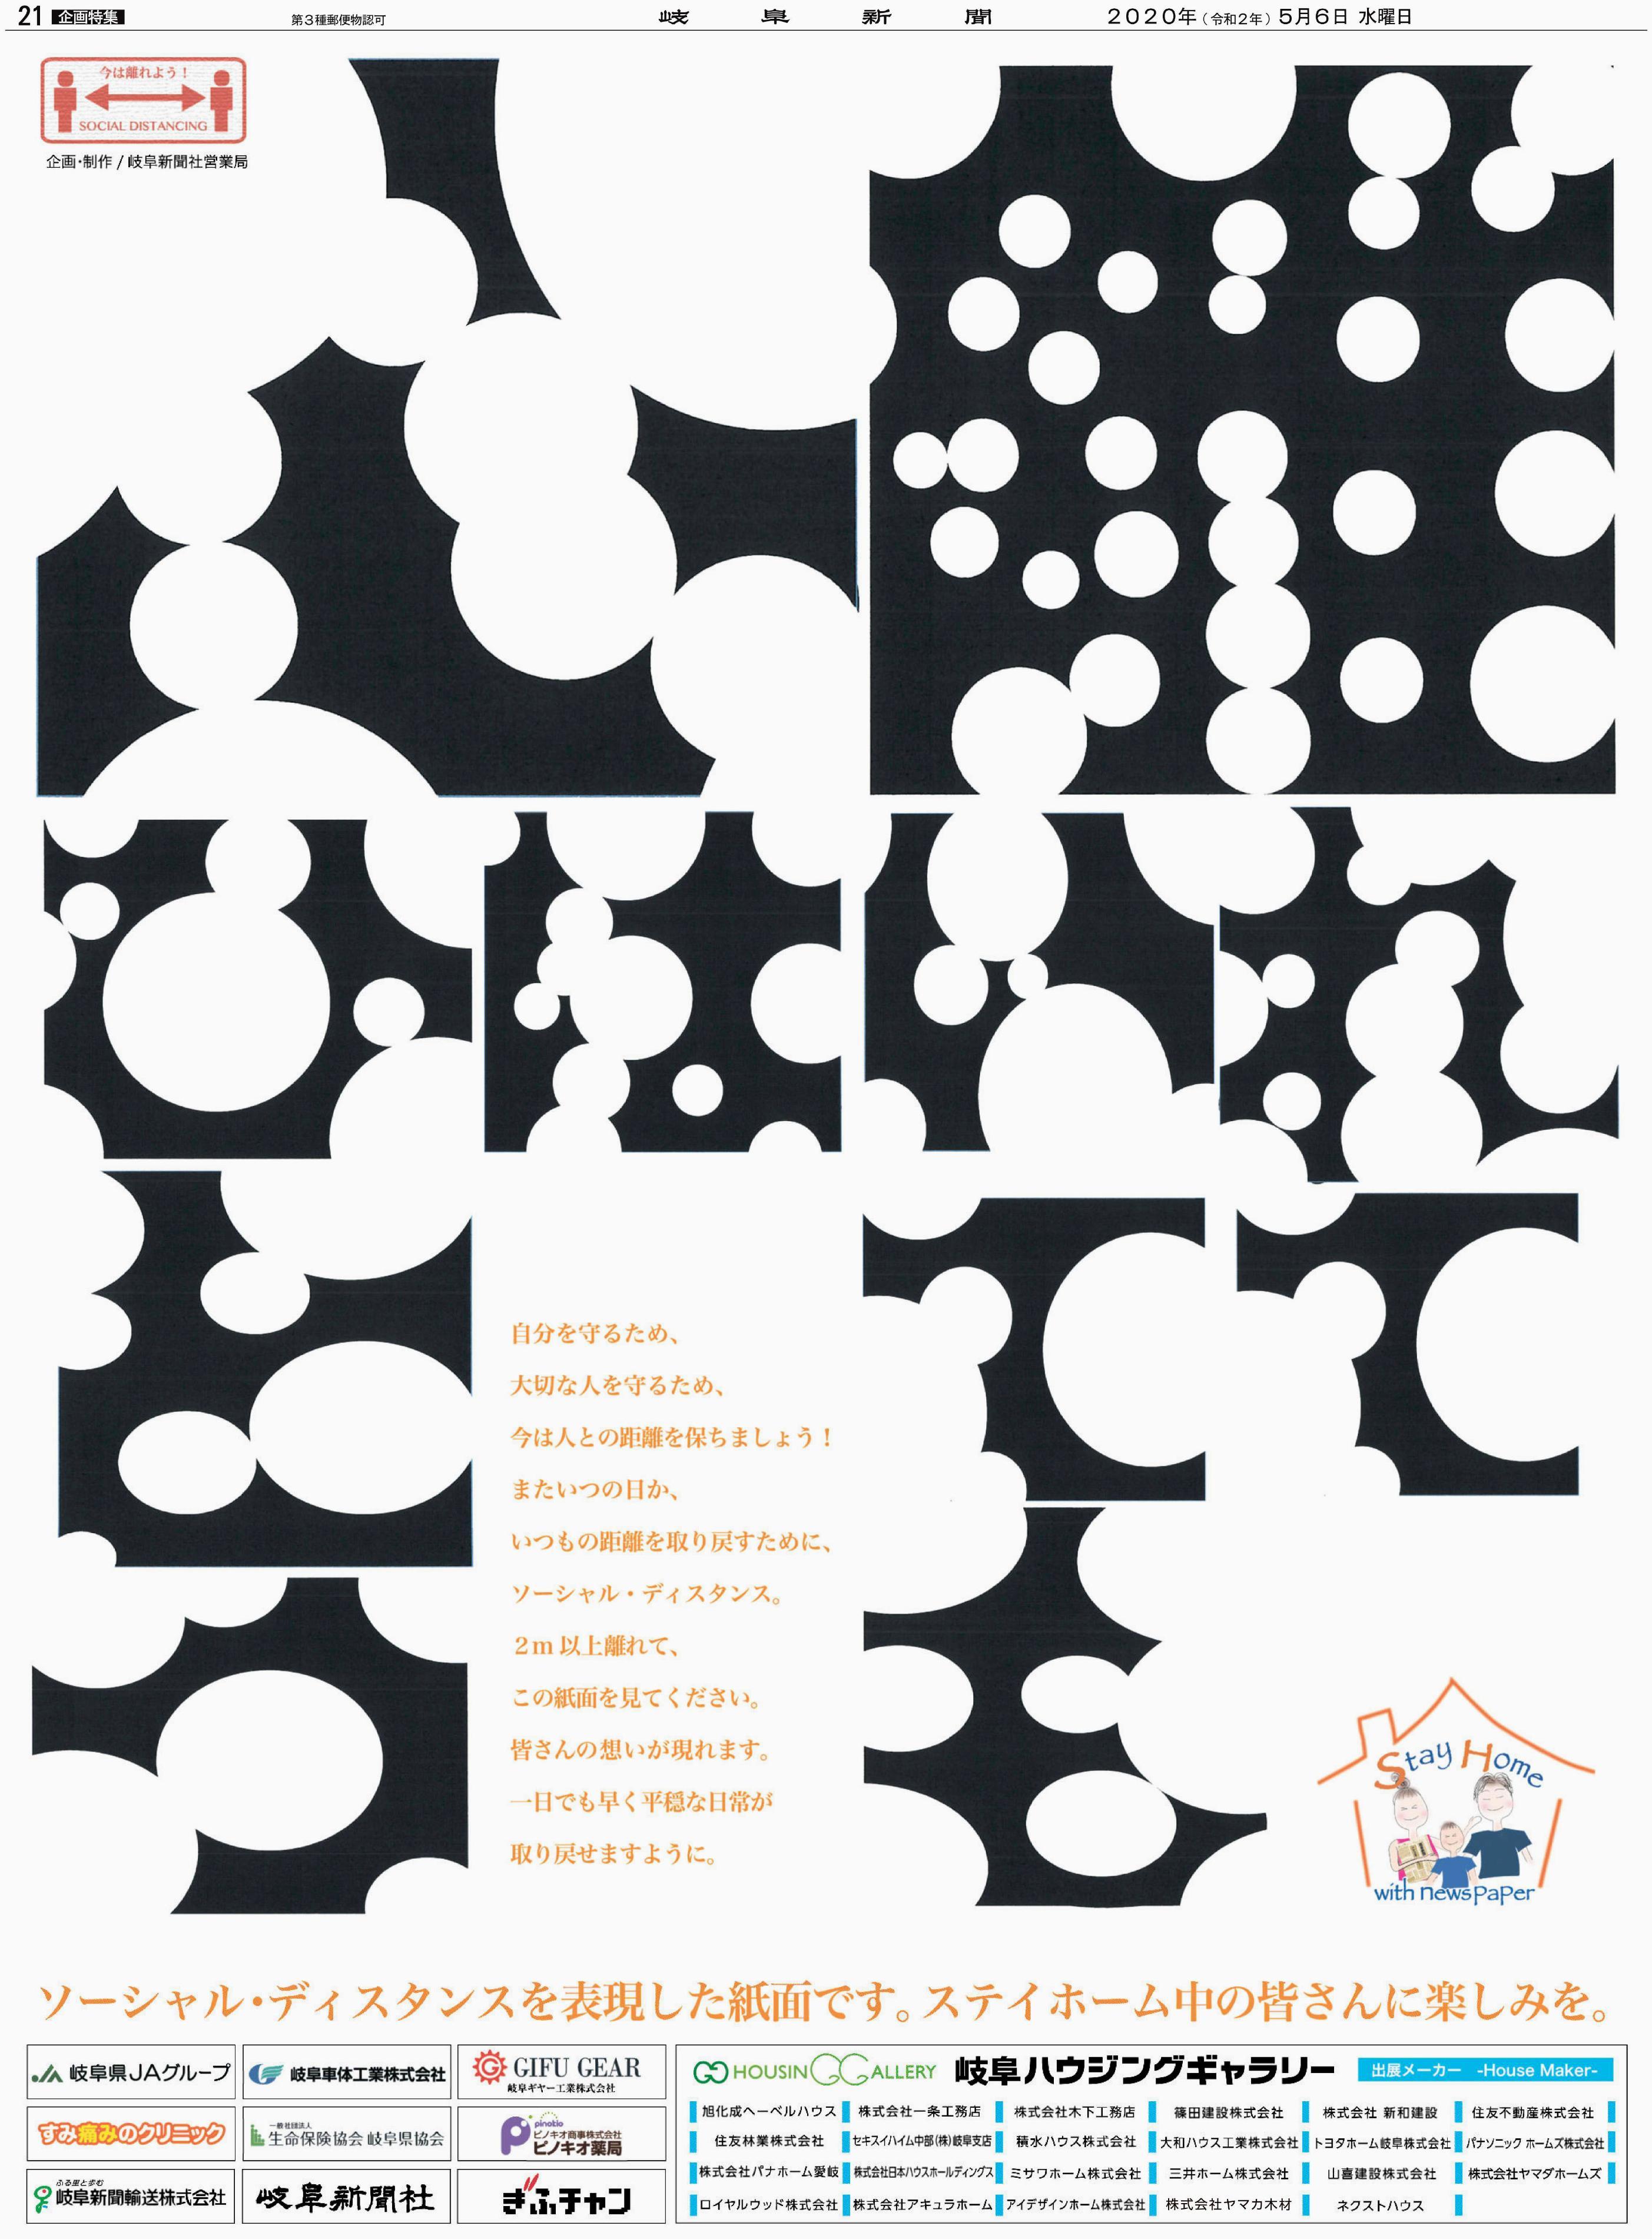 2m以上離れると水玉の幾何学模様にメッセージが浮かび上がる6日付岐阜新聞の広告